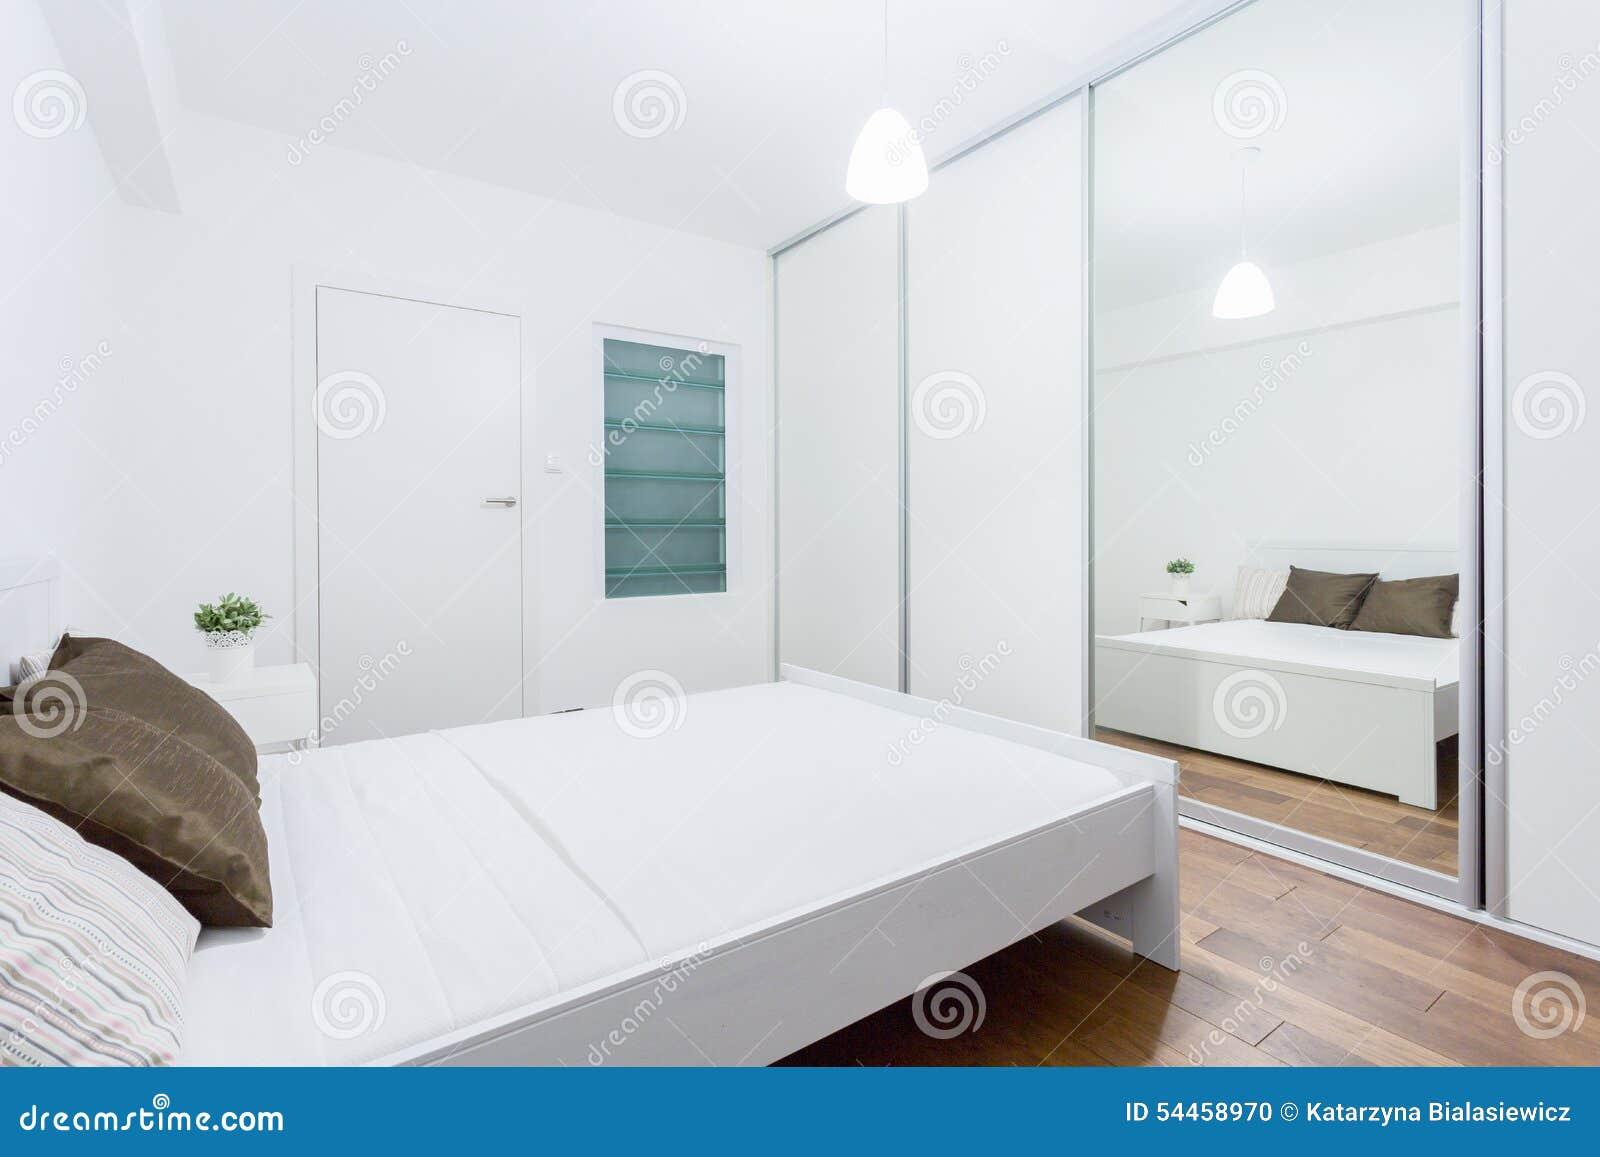 Chambre à Coucher Blanche En Appartement Contemporain Photo stock ...